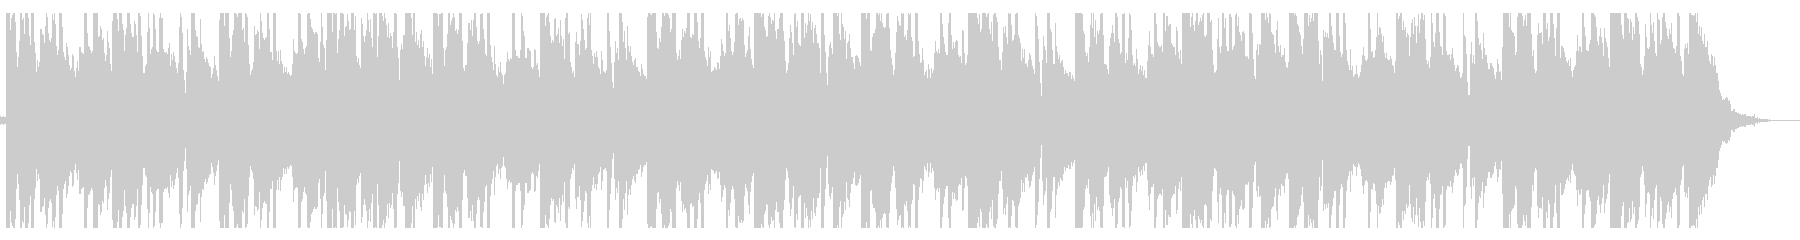 ラジオ/ローファイ_No396_3の未再生の波形